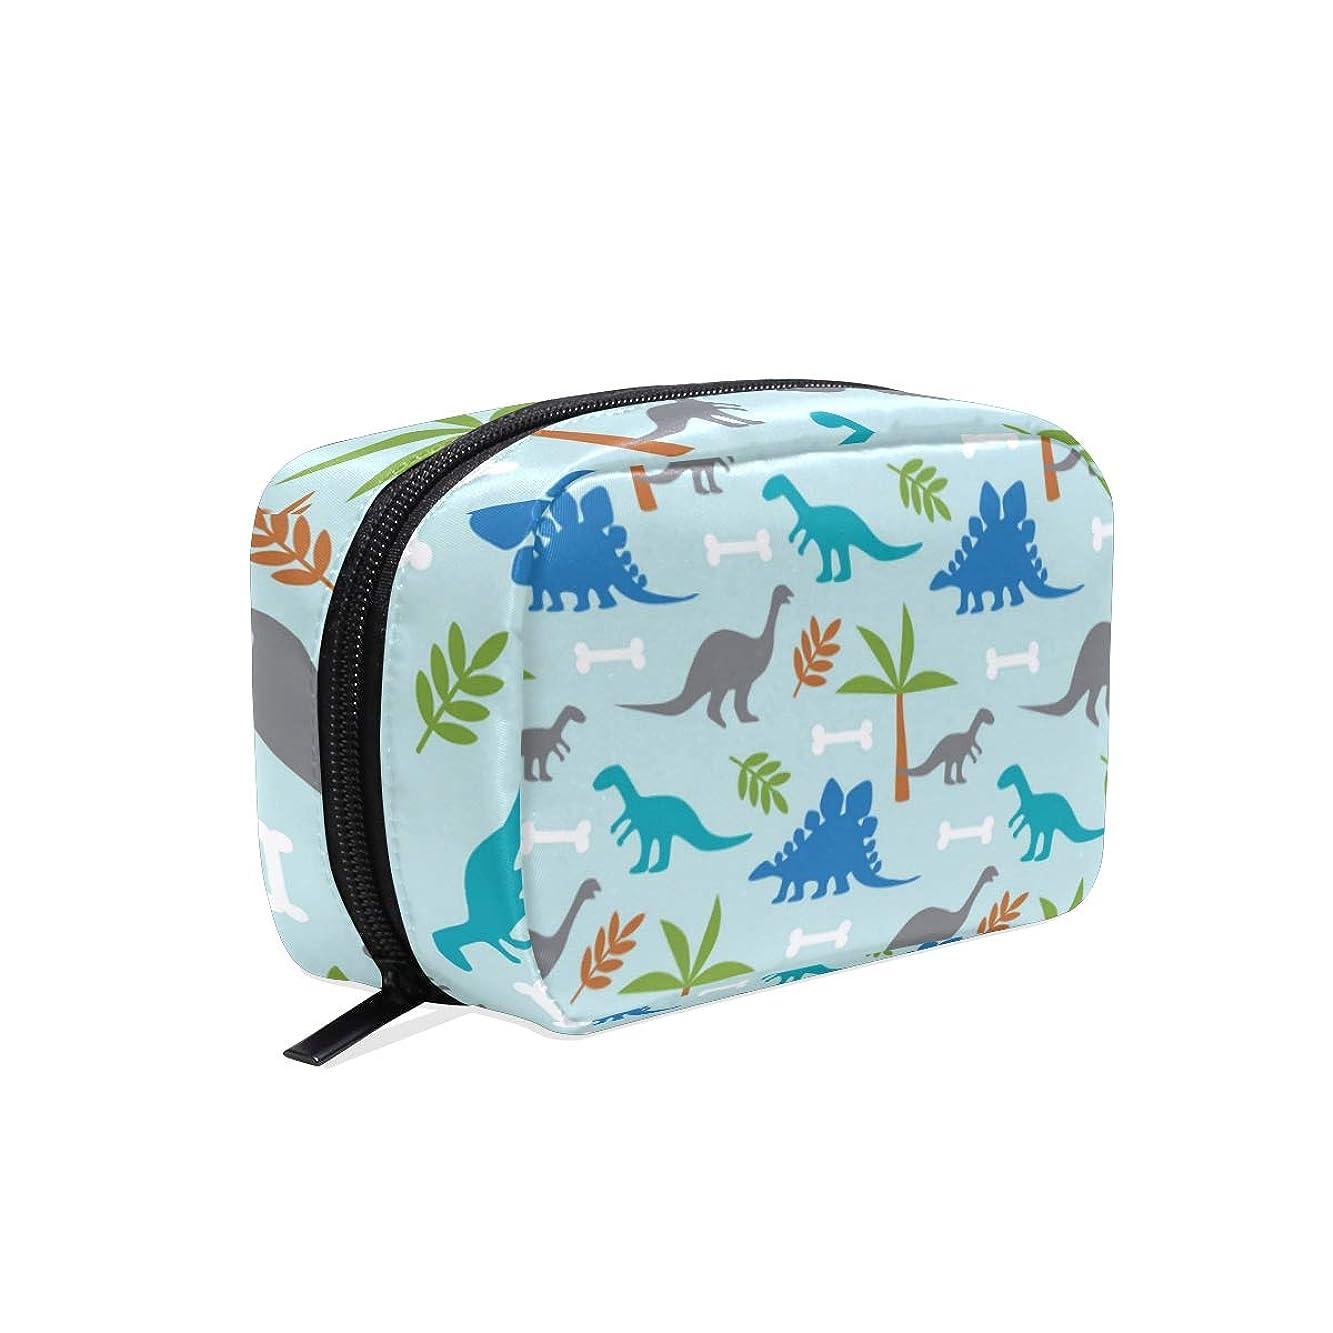 シンボル回転させる繁殖可愛い恐竜 化粧ポーチ メイクポーチ 機能的 大容量 化粧品収納 小物入れ 普段使い 出張 旅行 メイク ブラシ バッグ 化粧バッグ